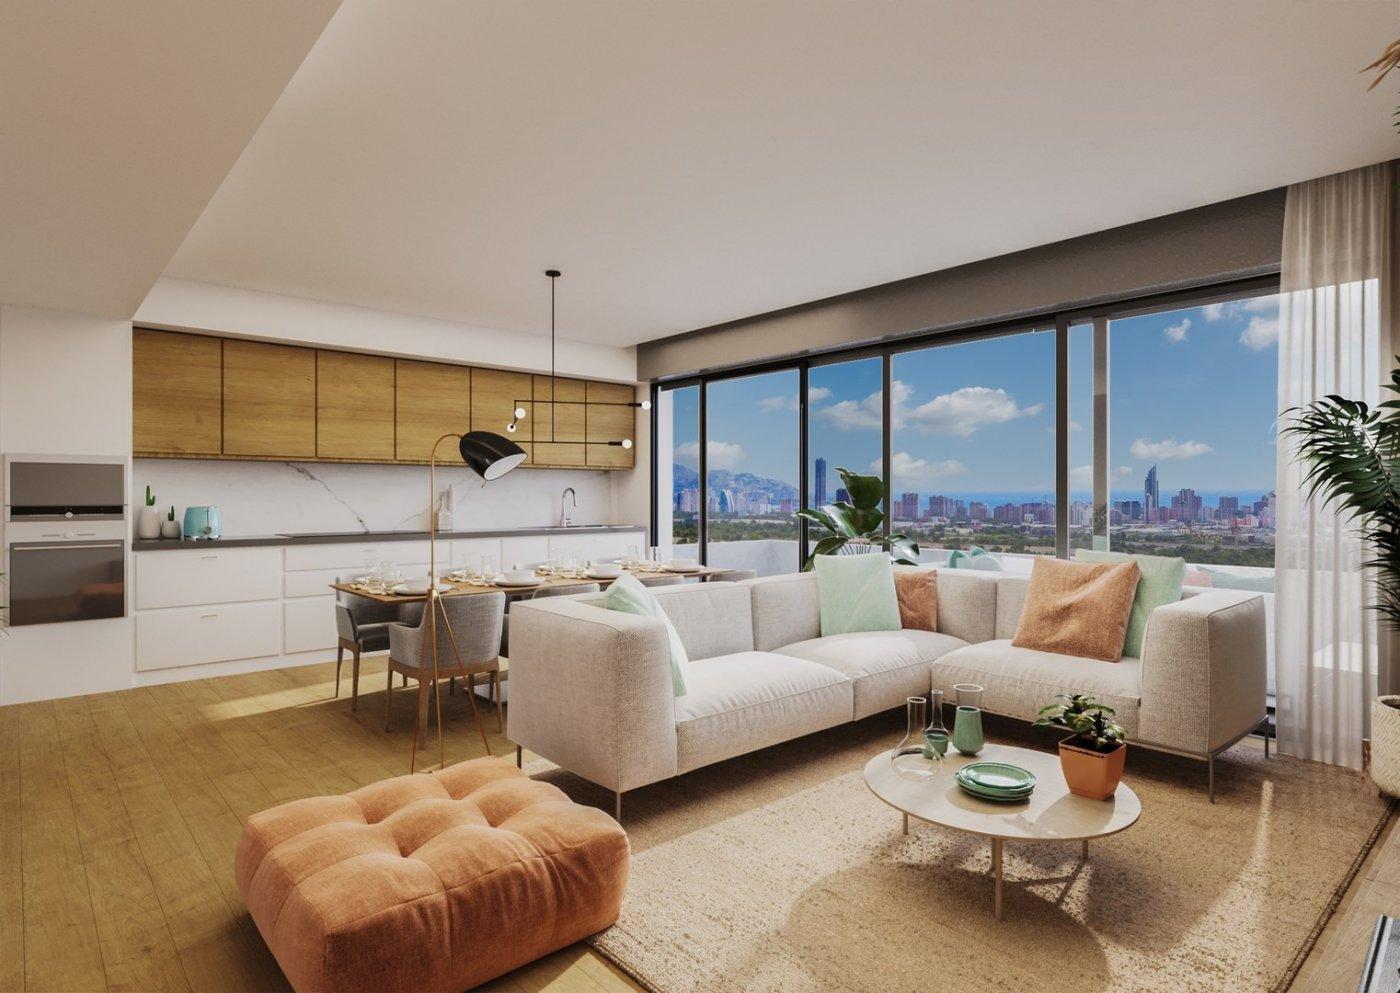 Nuevo complejo residencial en finestrat con vistas al mar!!! - imagenInmueble4